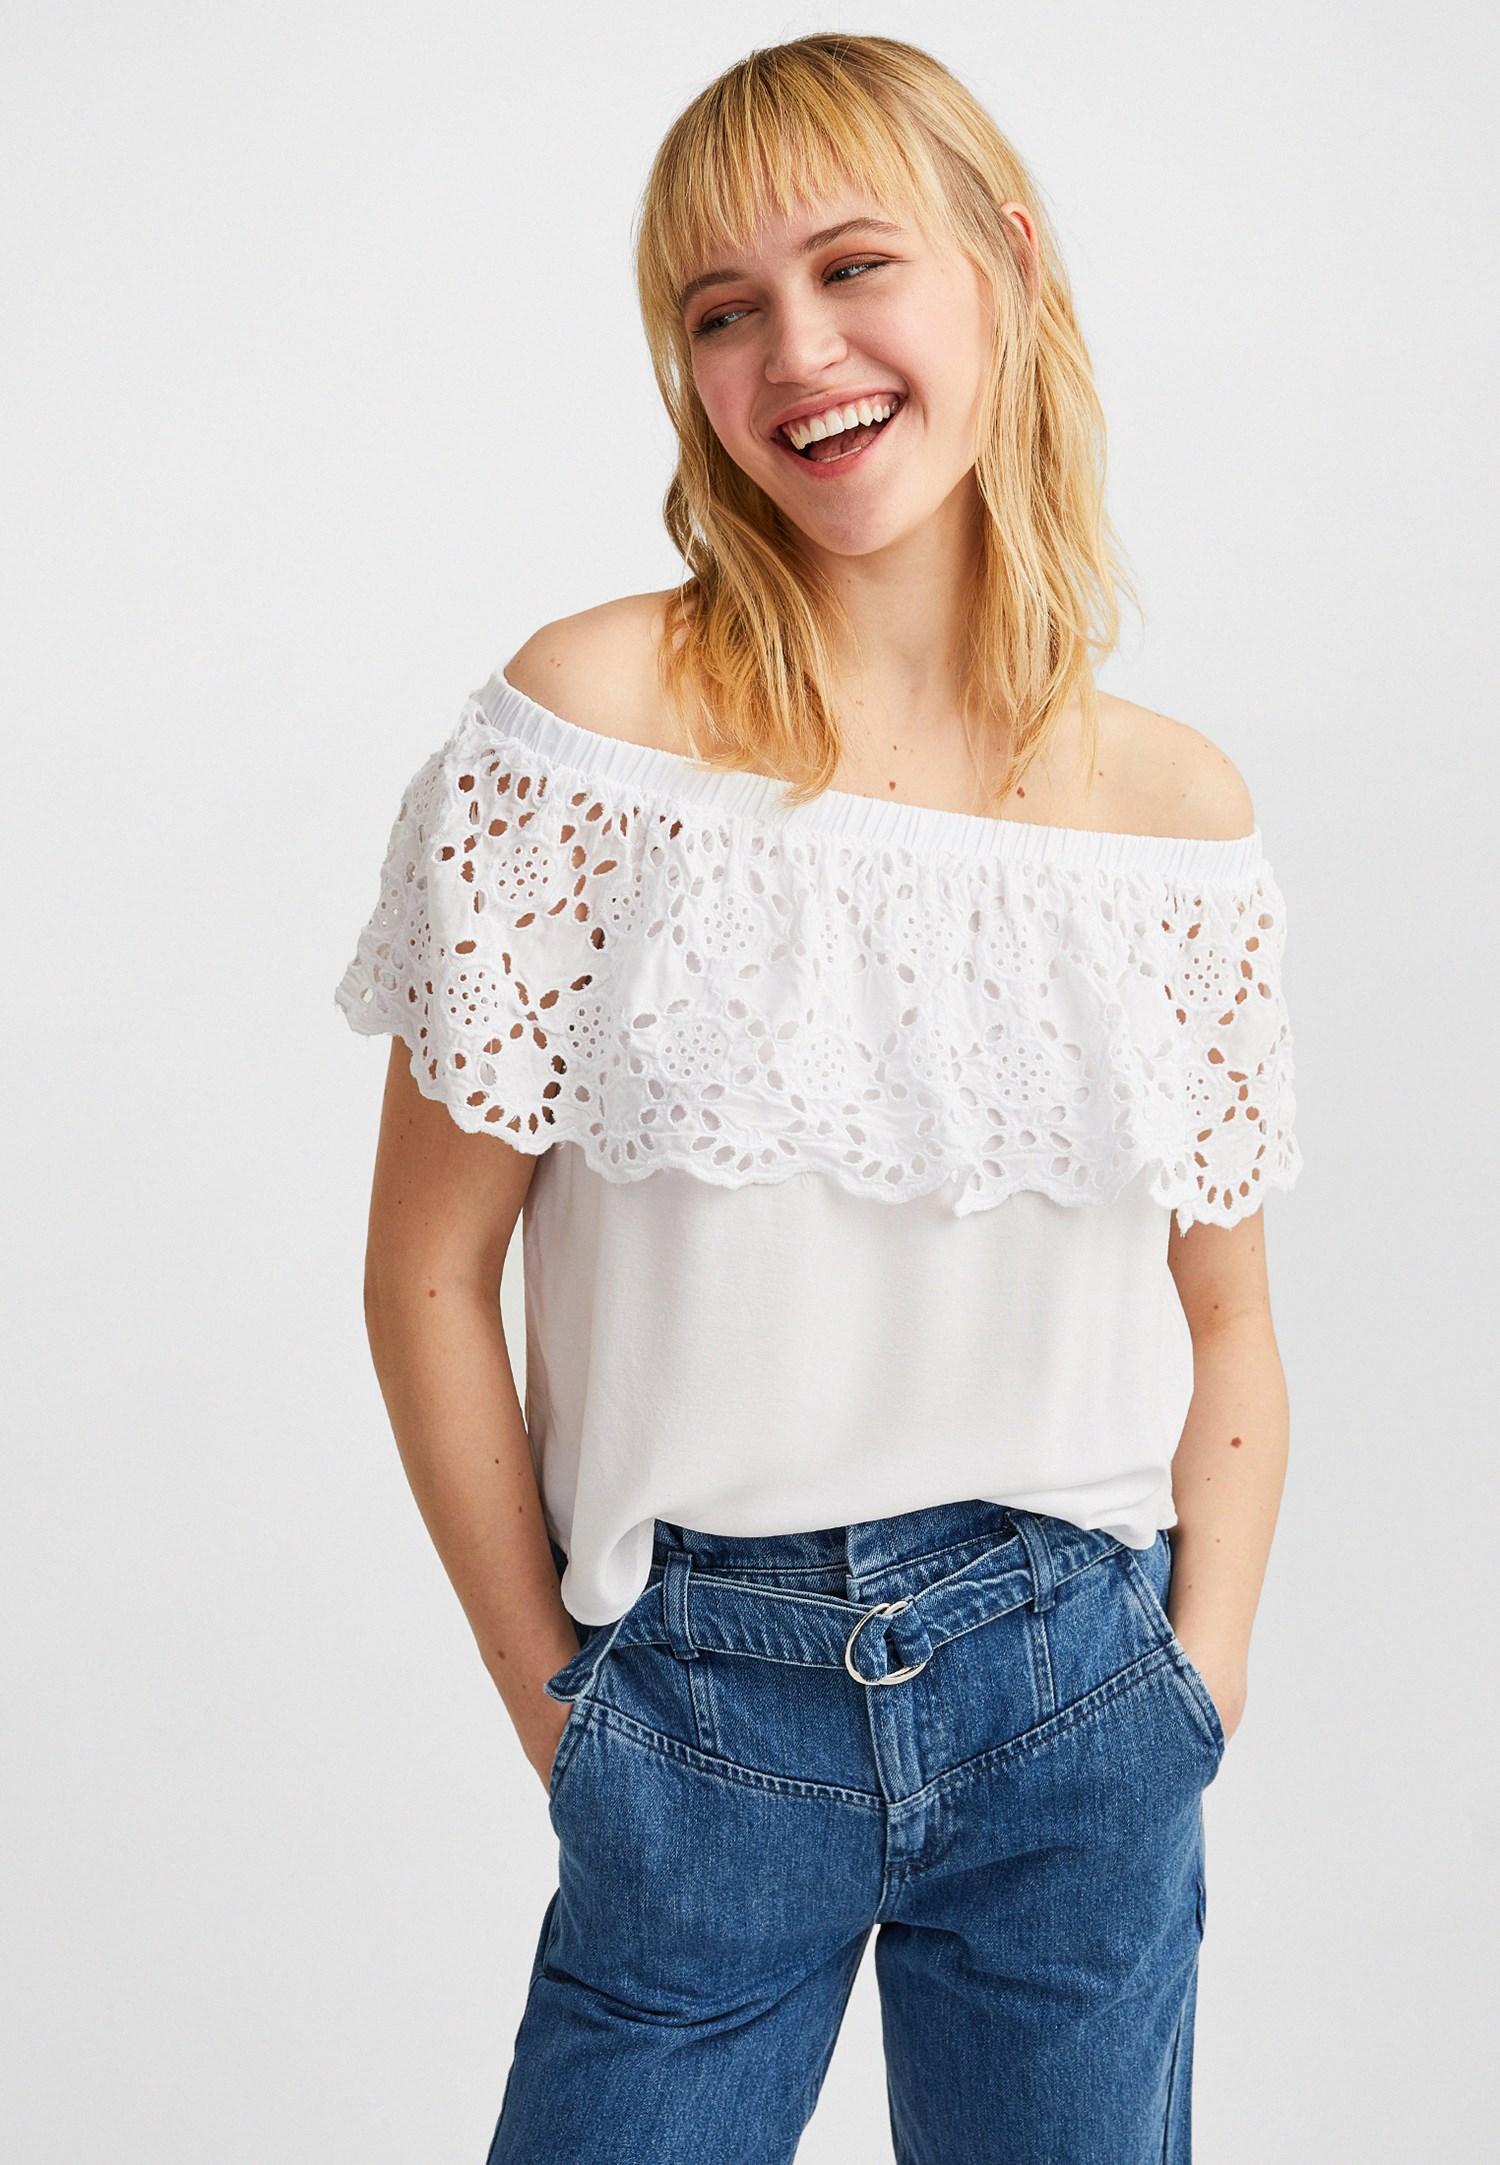 af33ed1f852 White Off-Shoulder Lace Blouse Online Shopping